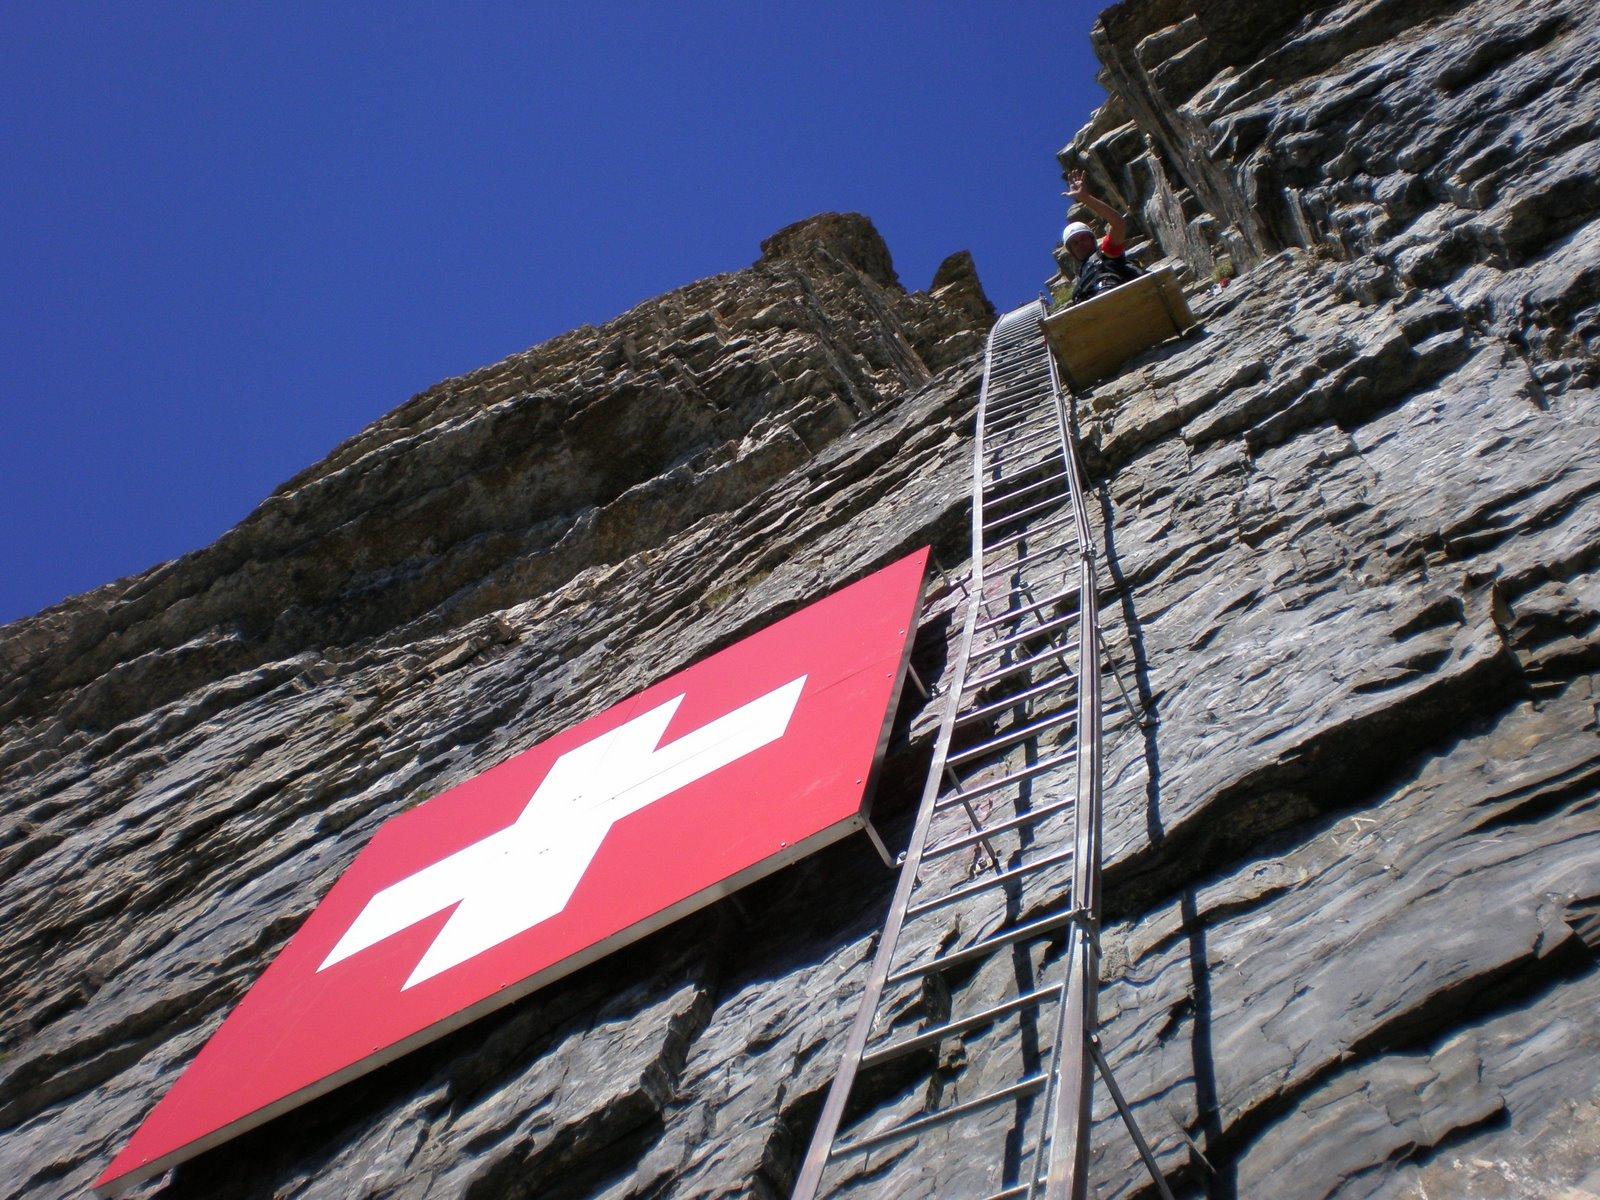 Klettersteig Ostschweiz : Klettersteige ostschweiz liechtenstein schweiz tourismus